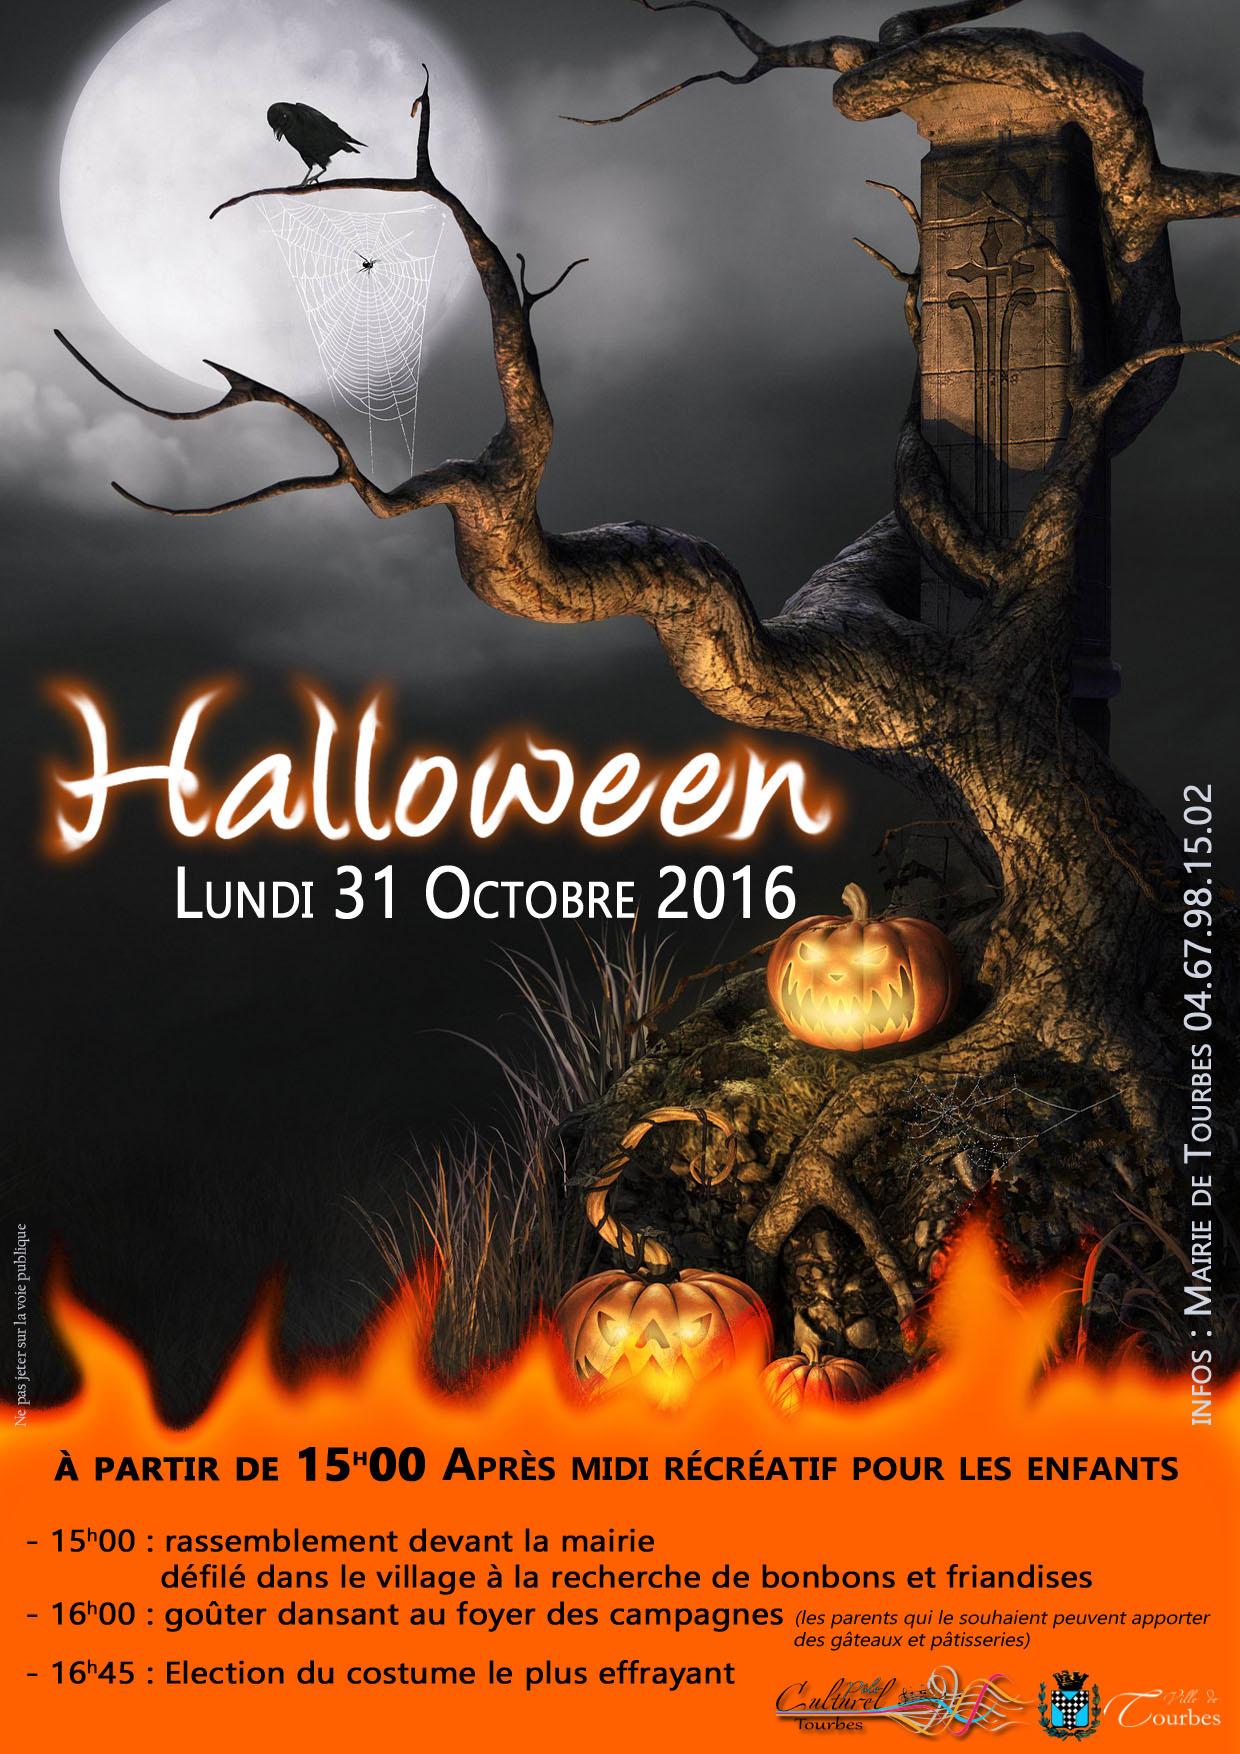 Halloween_3 copie